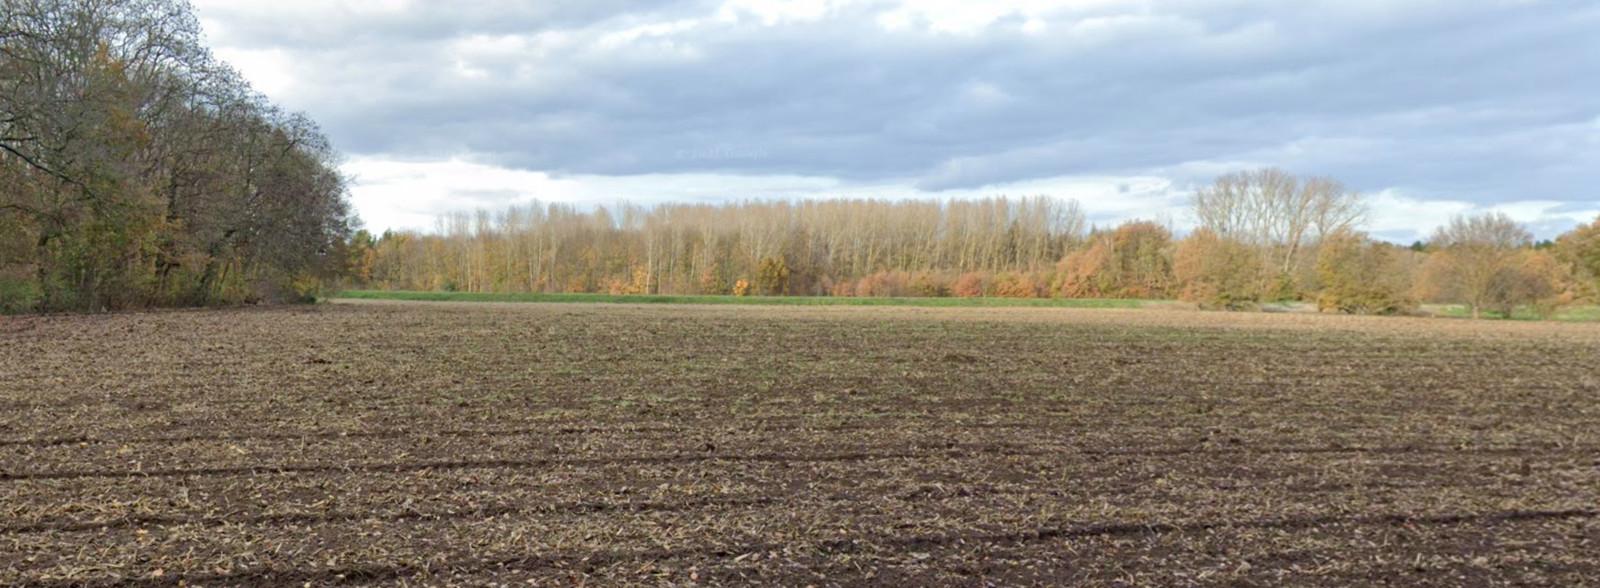 Het gebied aan De Meander van Vorsdonk.